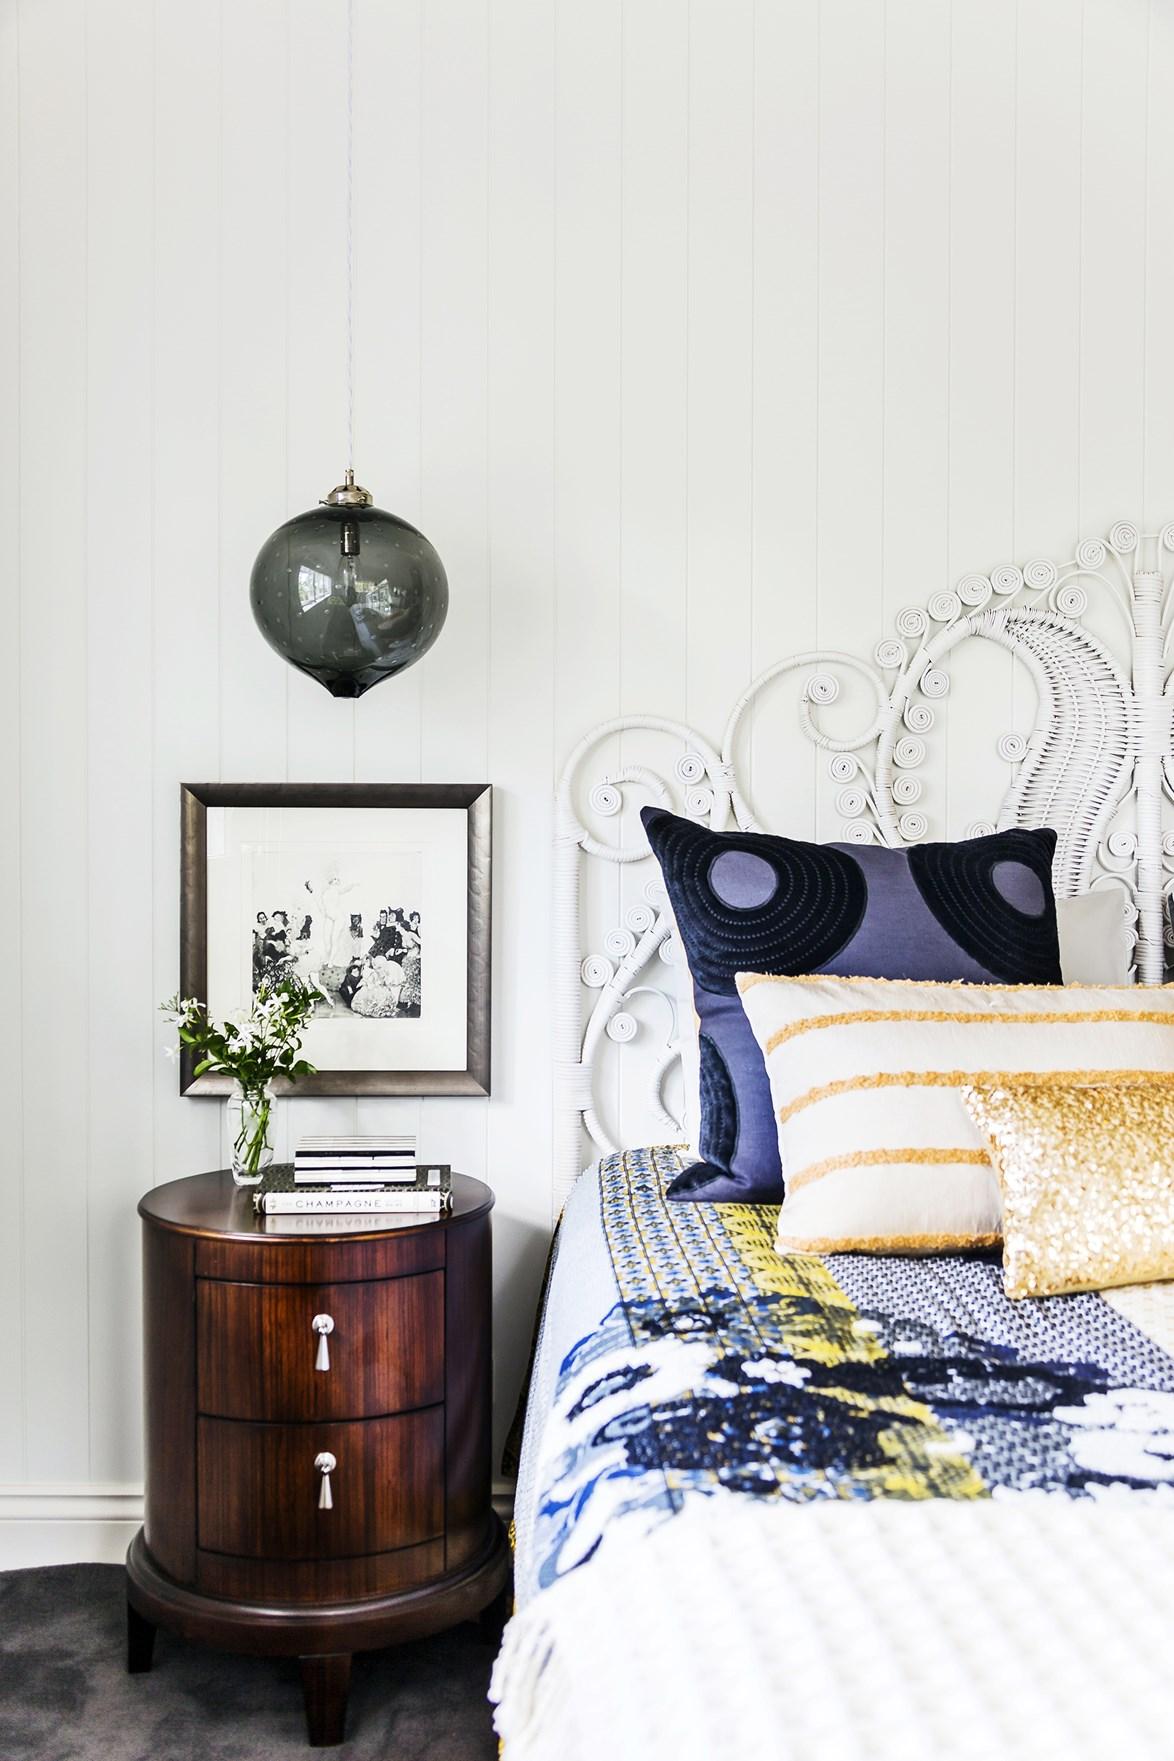 10 gợi ý trang trí phòng ngủ theo phong cách du mục phóng khoáng - Ảnh 19.